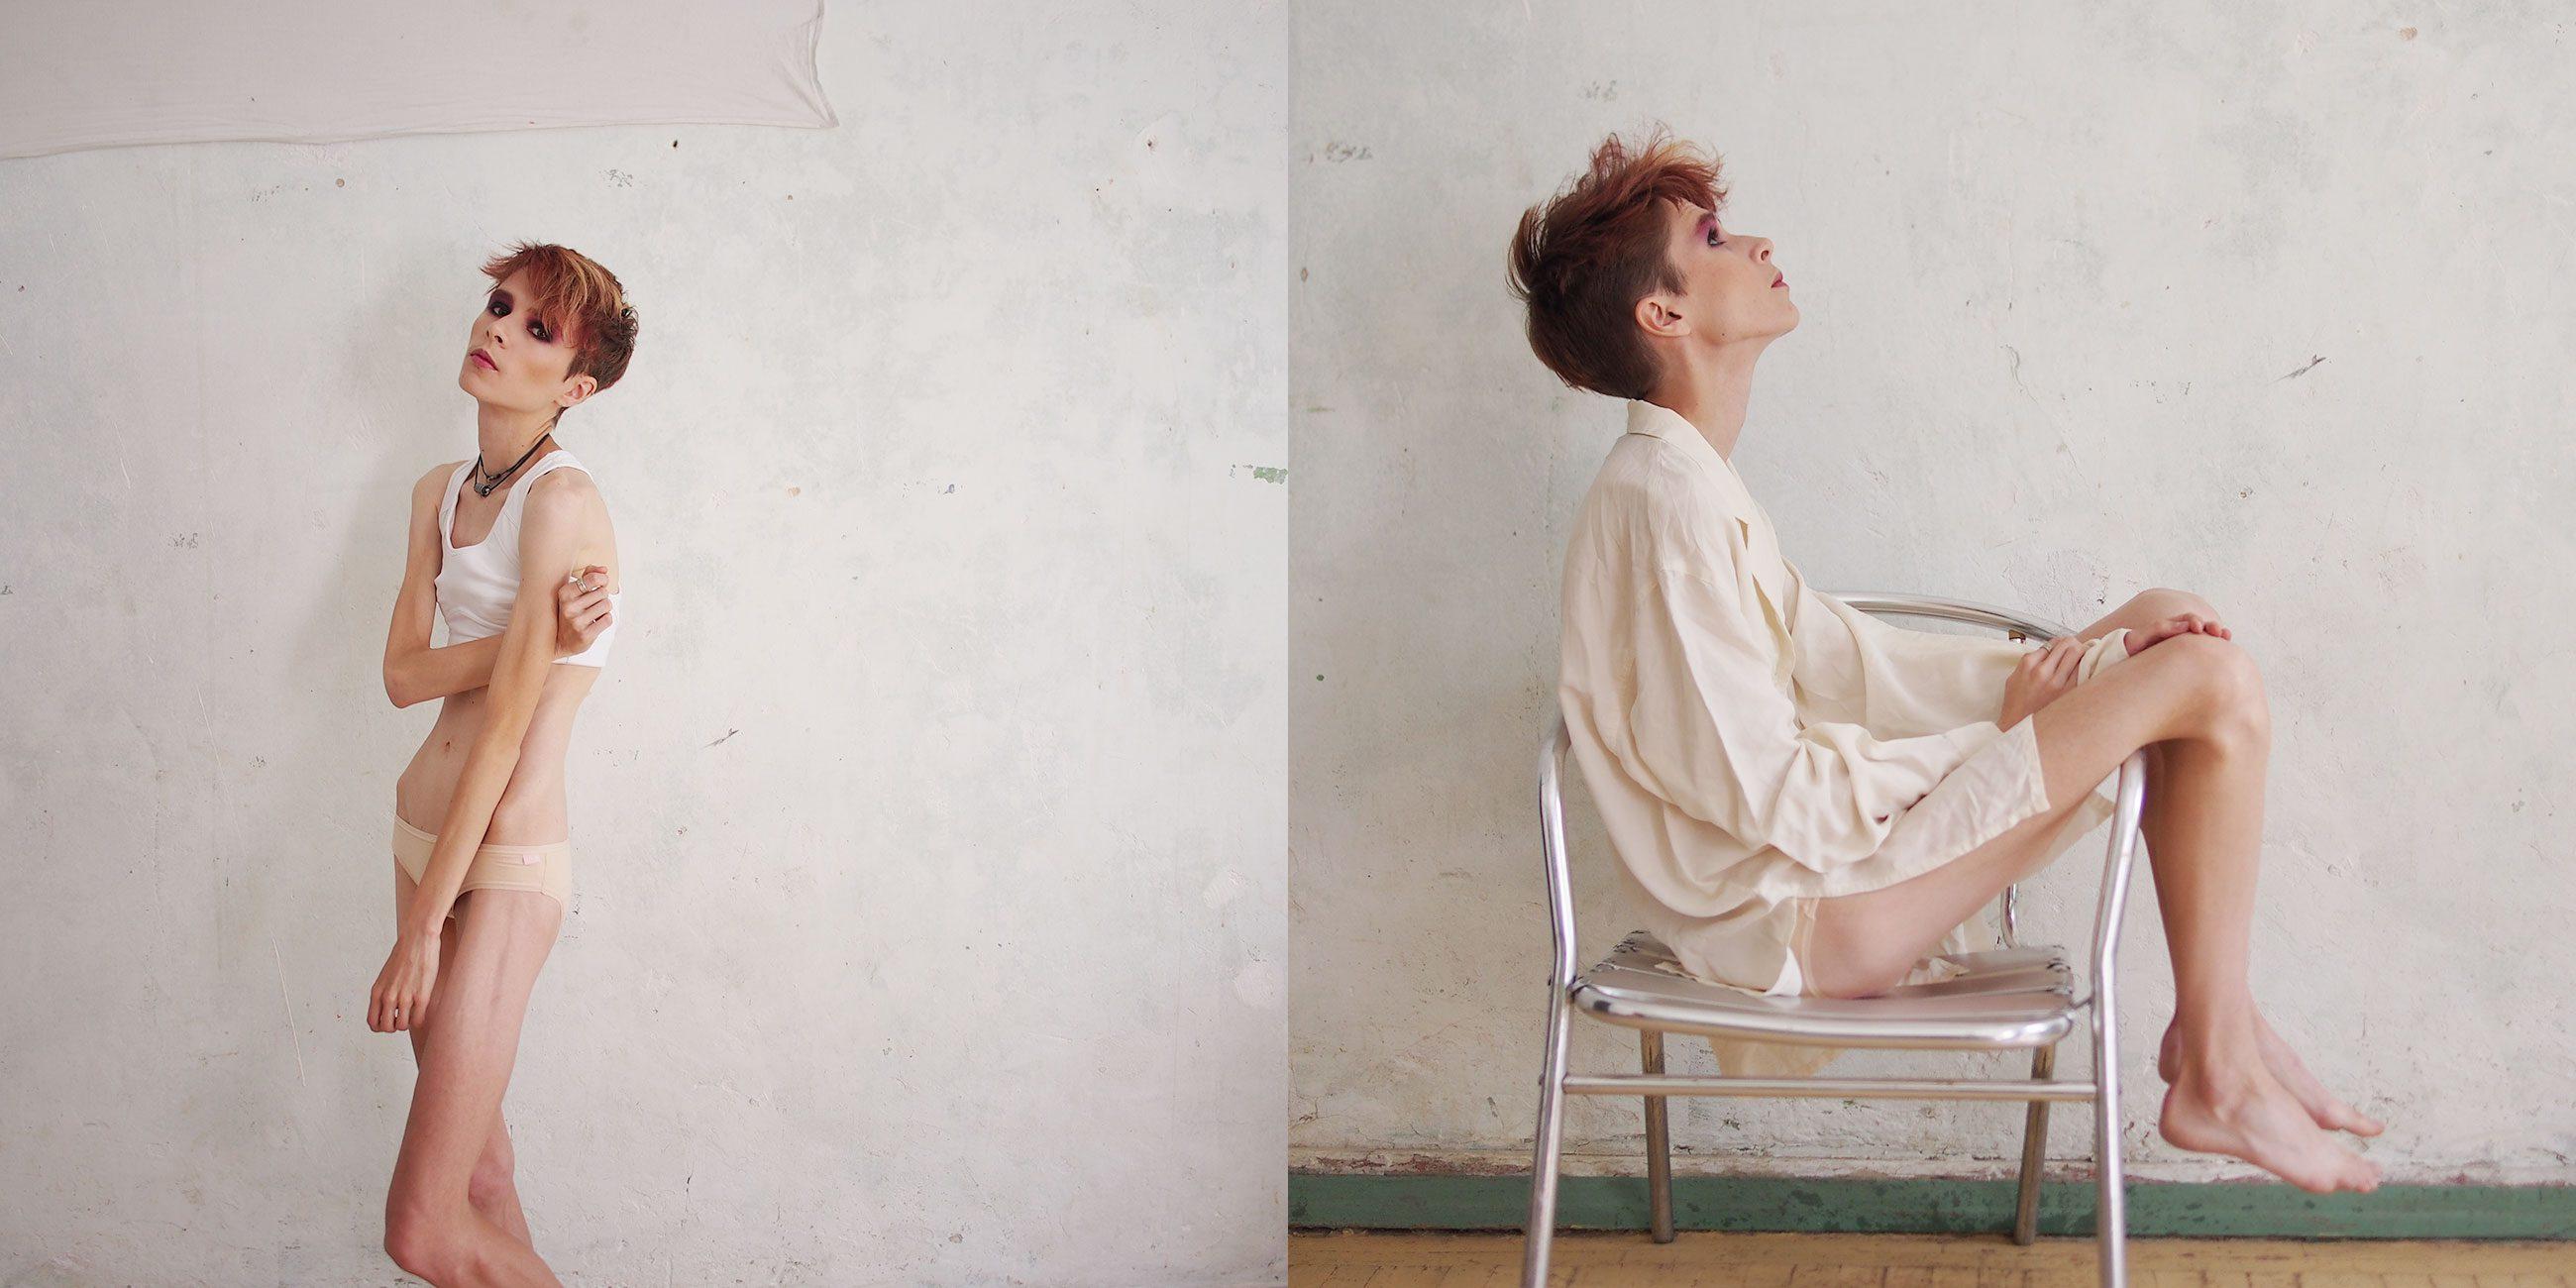 alisa volkova 01 - <b>«Ім'я в мене було одне — корова або свиня».</b> Як живуть люди з розладами харчової поведінки й чому це дуже небезпечне захворювання - Заборона